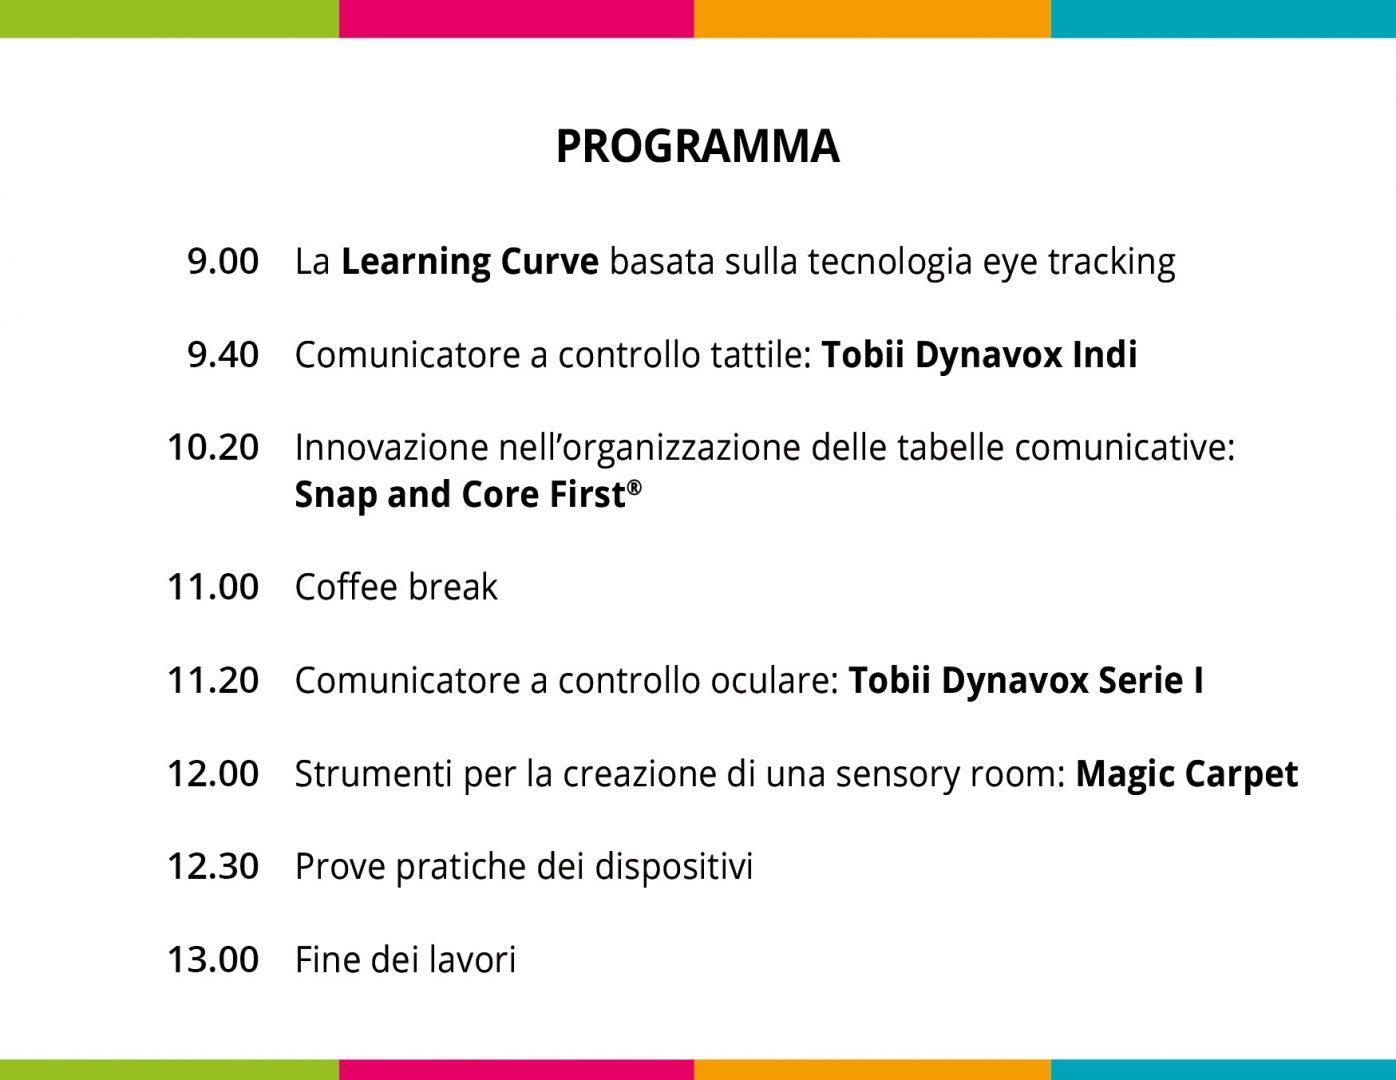 programma open day 25 settembre a Cagliari sui puntatori a controllo tattile e oculare